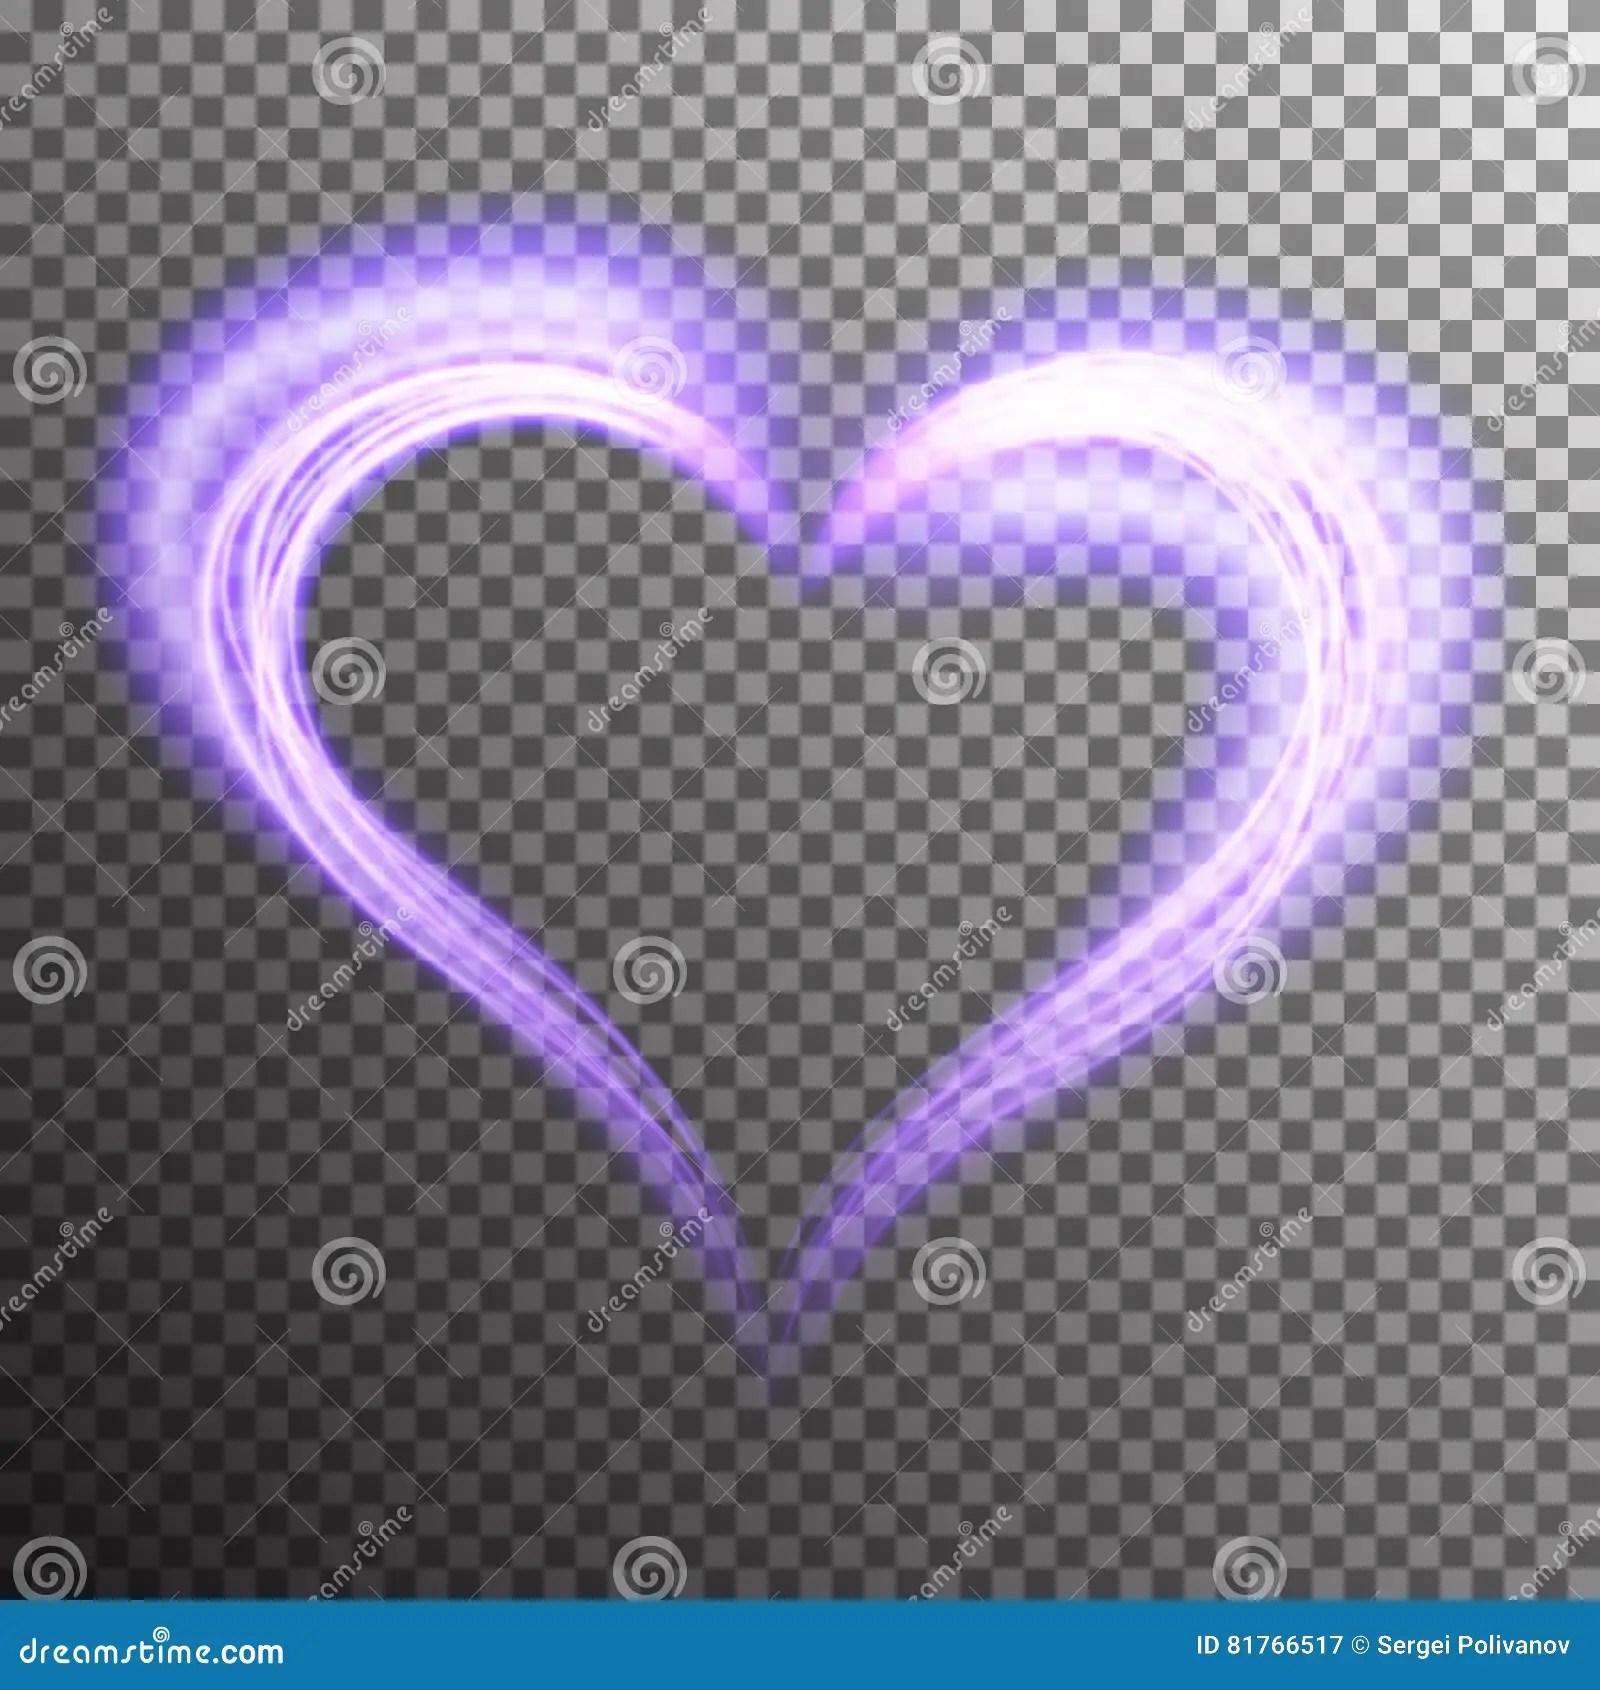 Creative Shiny Heart Shape Stock Vector Illustration Of